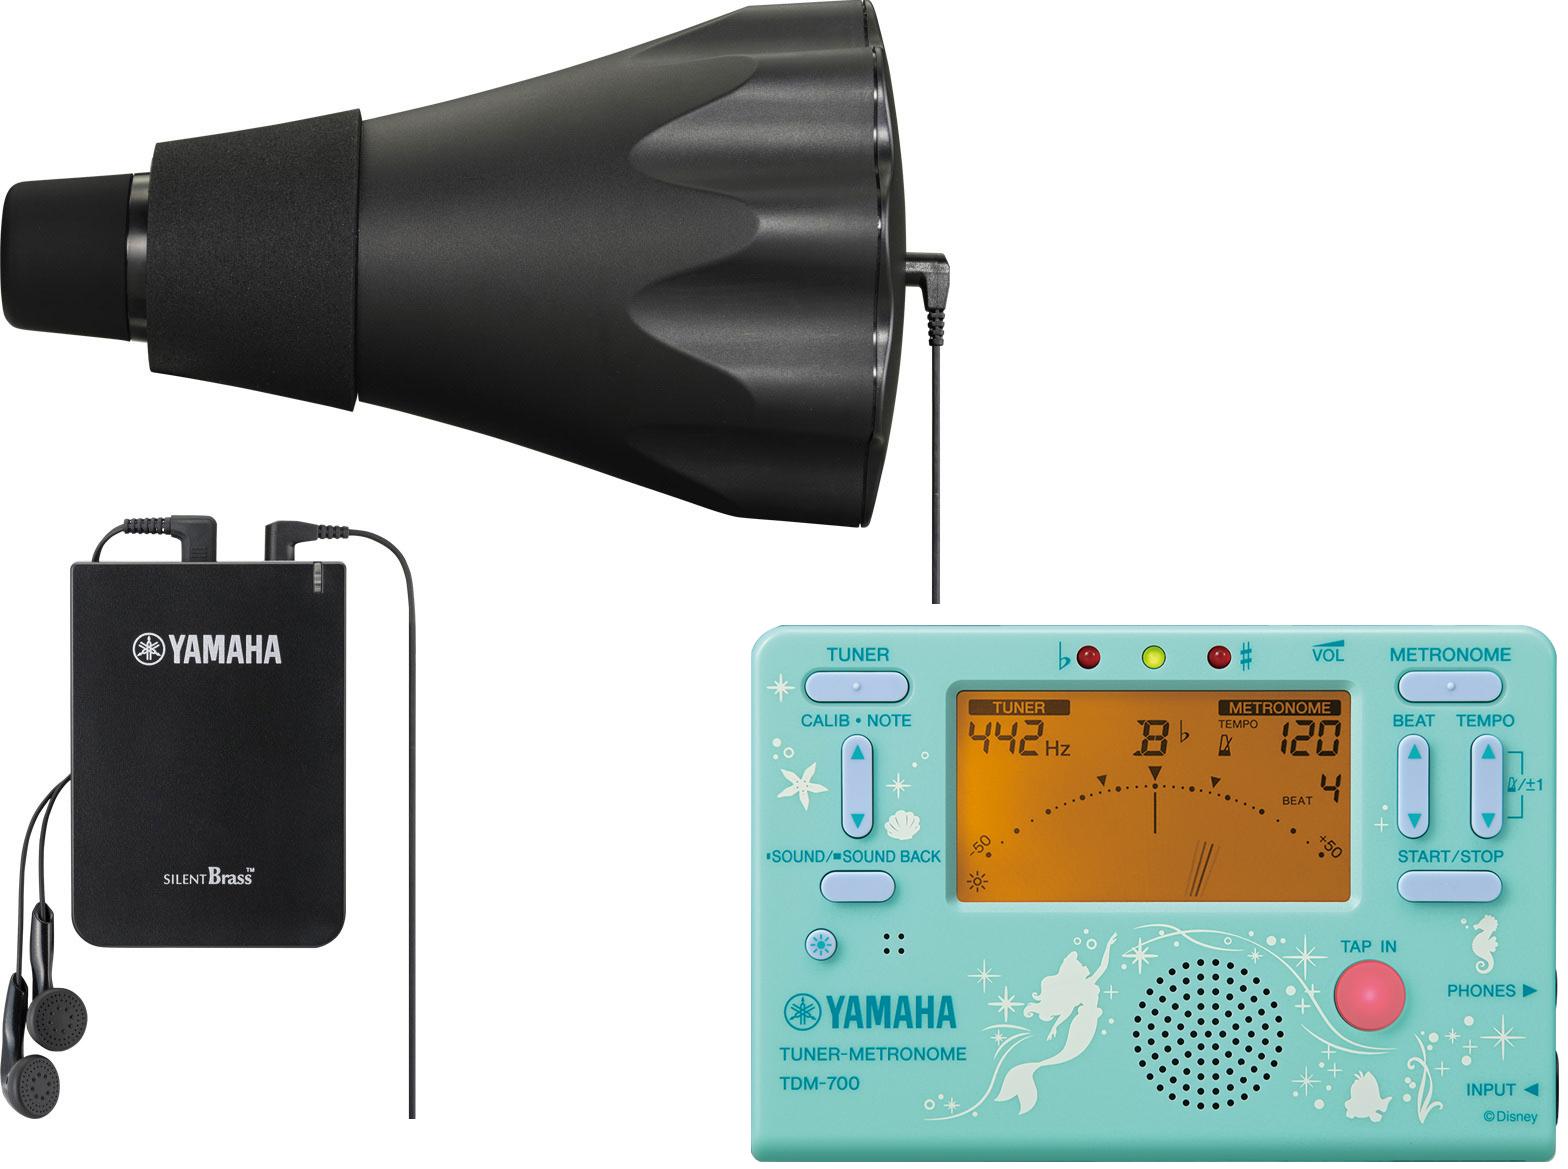 YAMAHA ( ヤマハ ) SB3X ホルンミュート サイレントブラス ピックアップミュート PM3X パーソナルスタジオ STX-2 SB-3X TDM-700DARL アリエル セット A